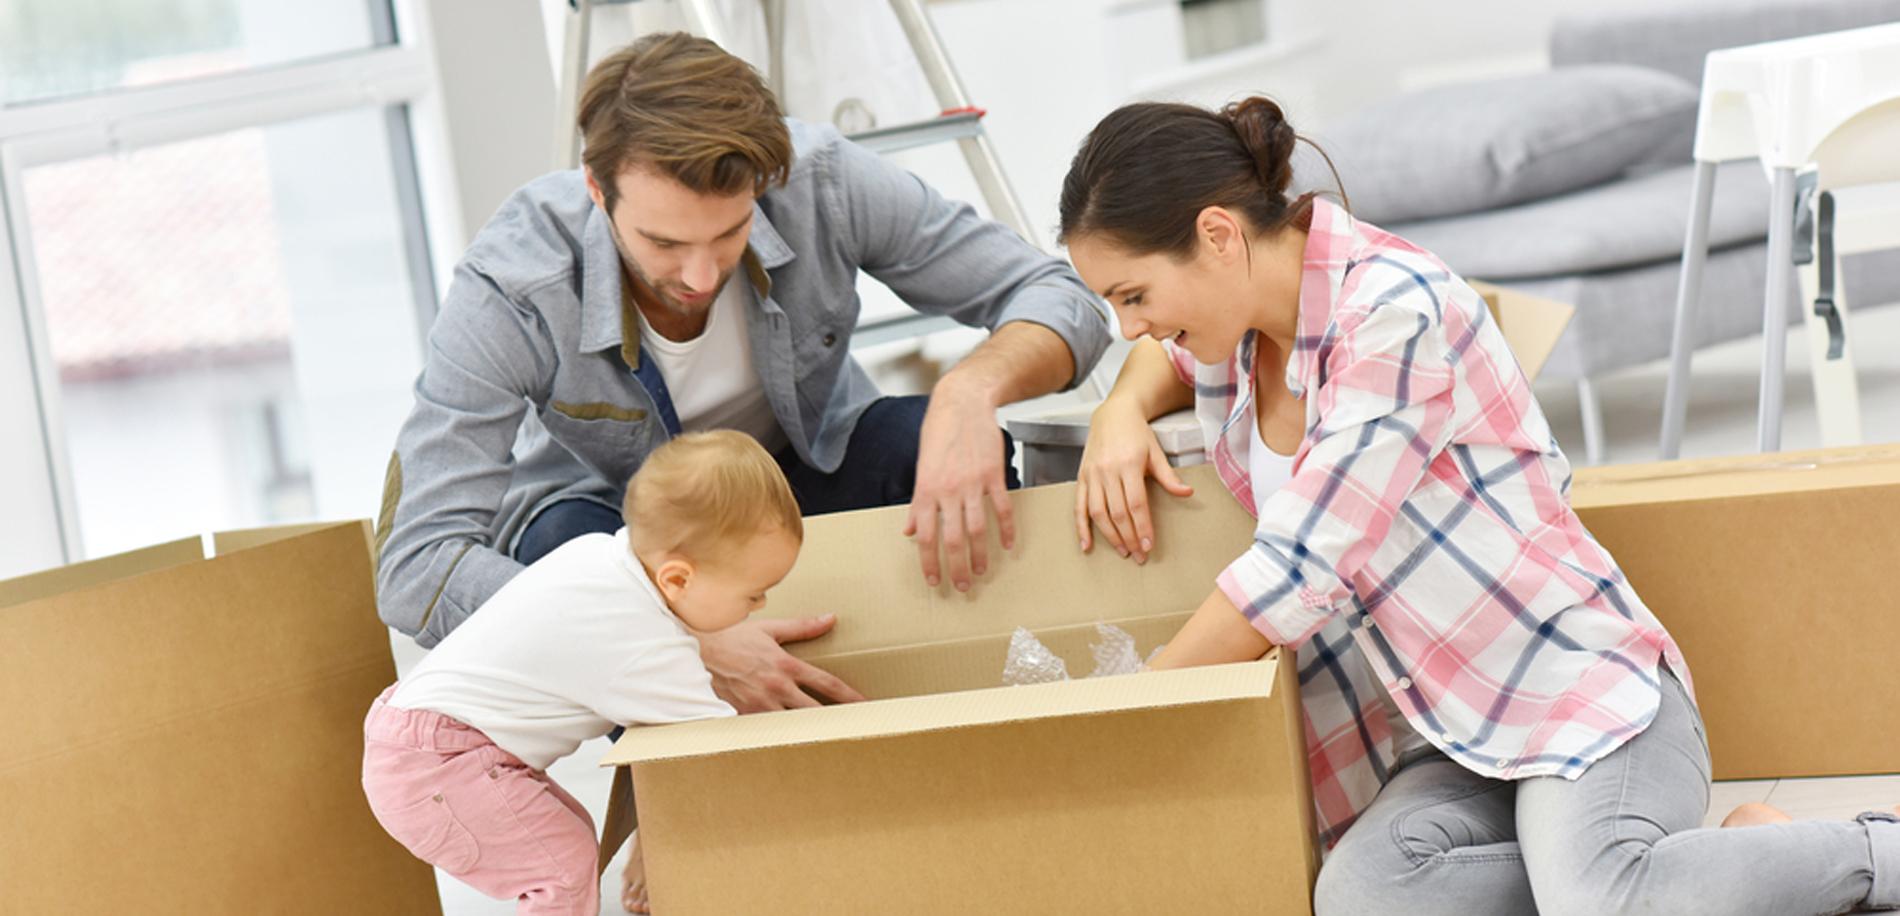 familia mudanza felicidad